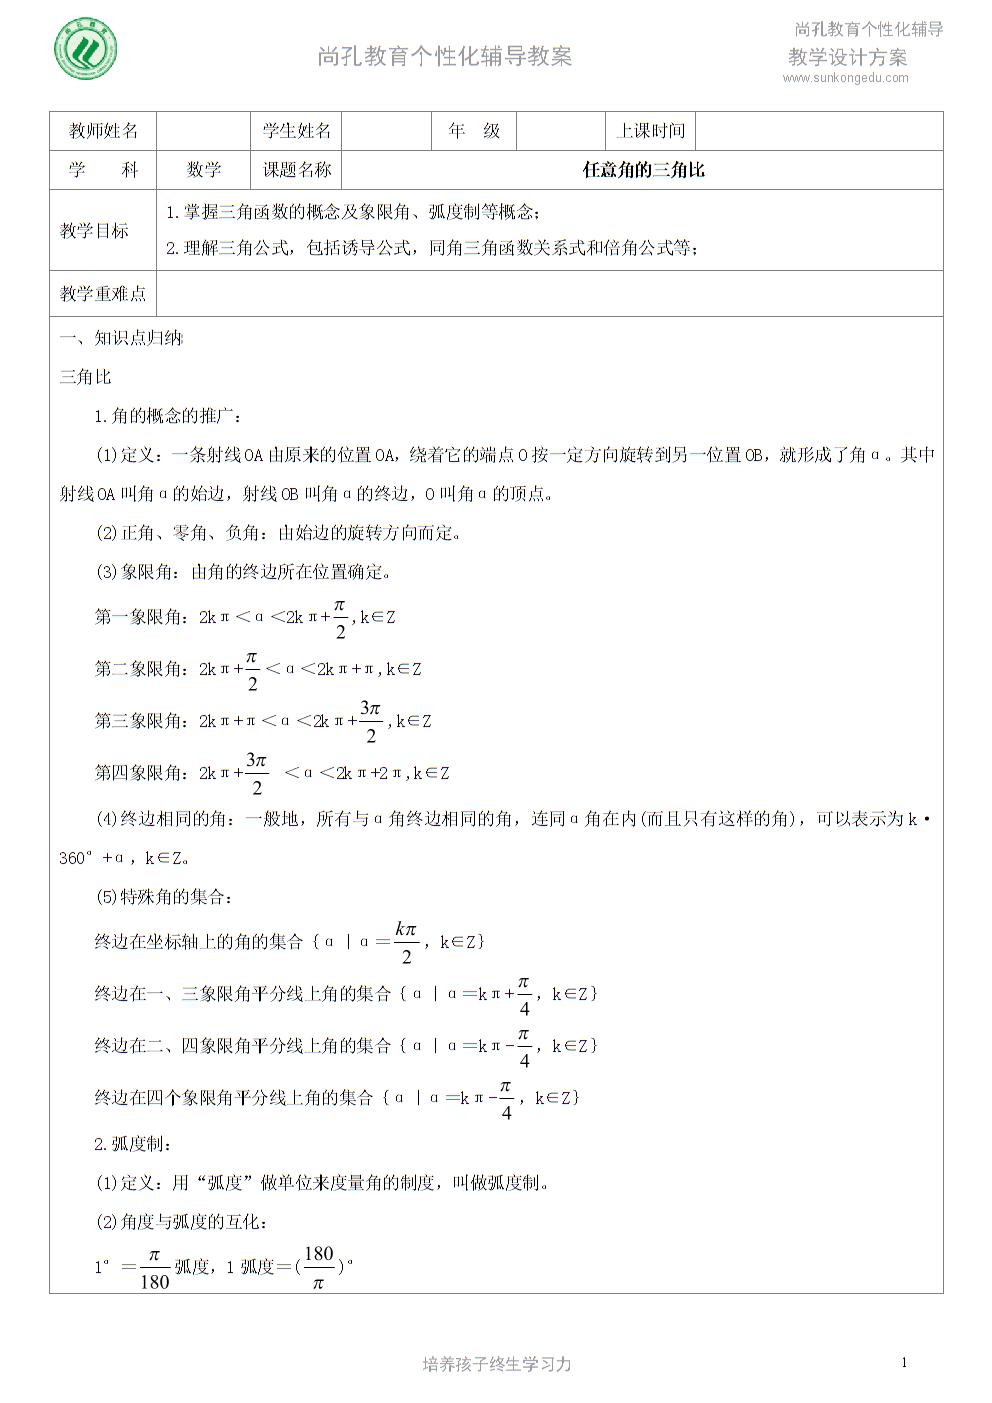 一对一高三数学教案——高三第八次课三角比教案模板.doc